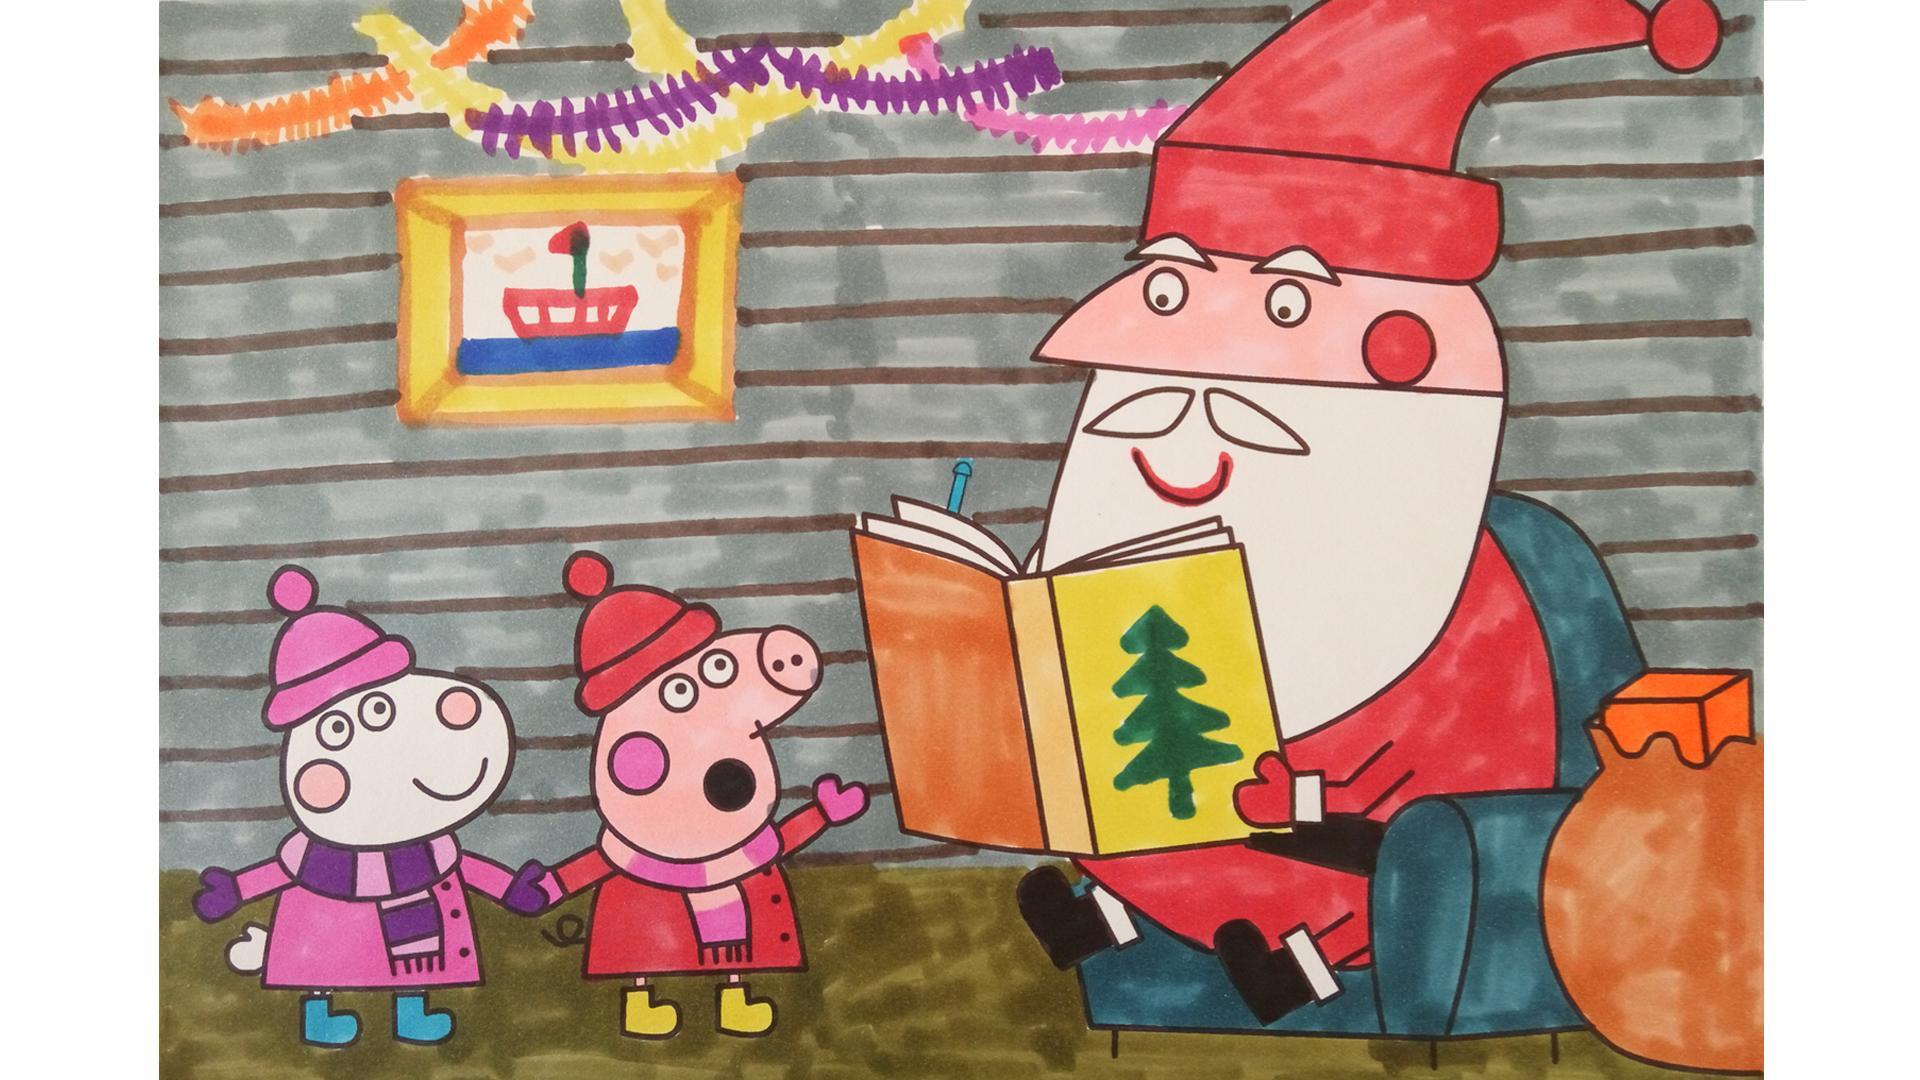 幼儿园教案_圣诞老人简笔画:给小孩礼物